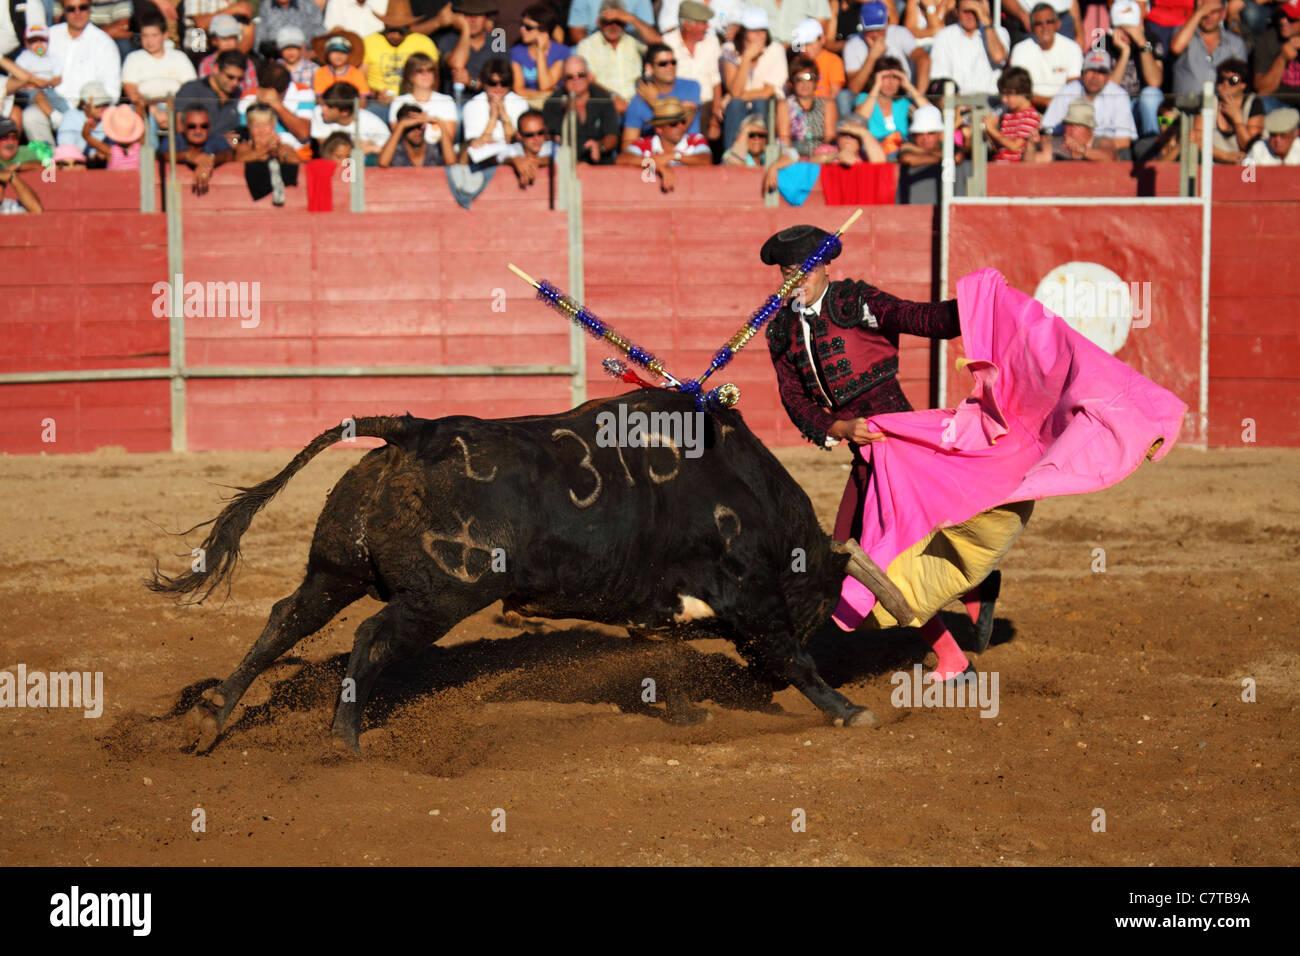 El Torero (Bandarilheiro) Jose Russiano en acción durante una corrida de  toros en Mafra fc4ec5ab27d